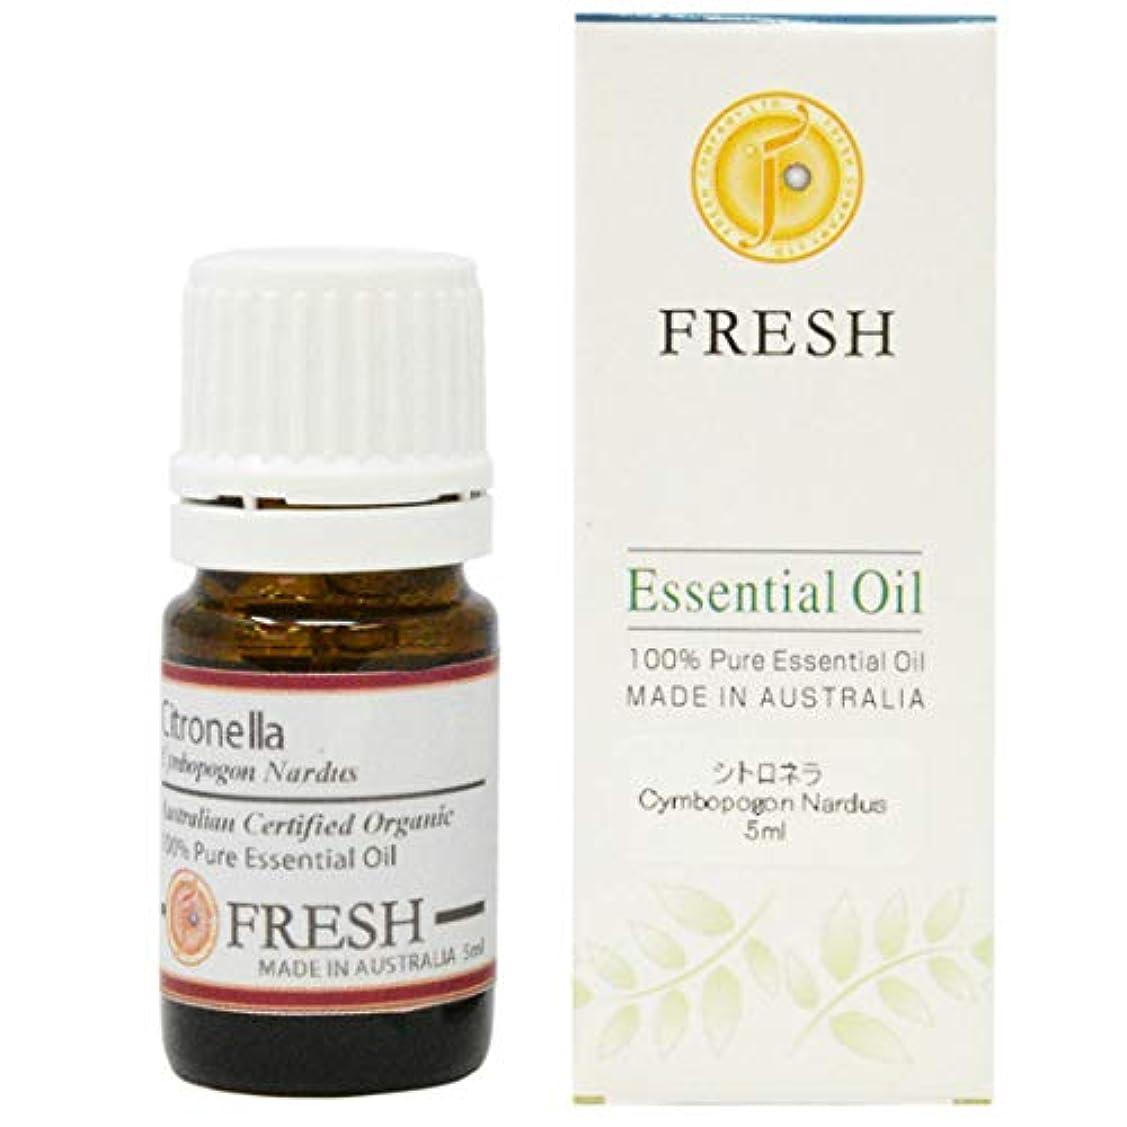 艶自分耐えられるFRESH オーガニック エッセンシャルオイル シトロネラ 5ml (FRESH 精油)